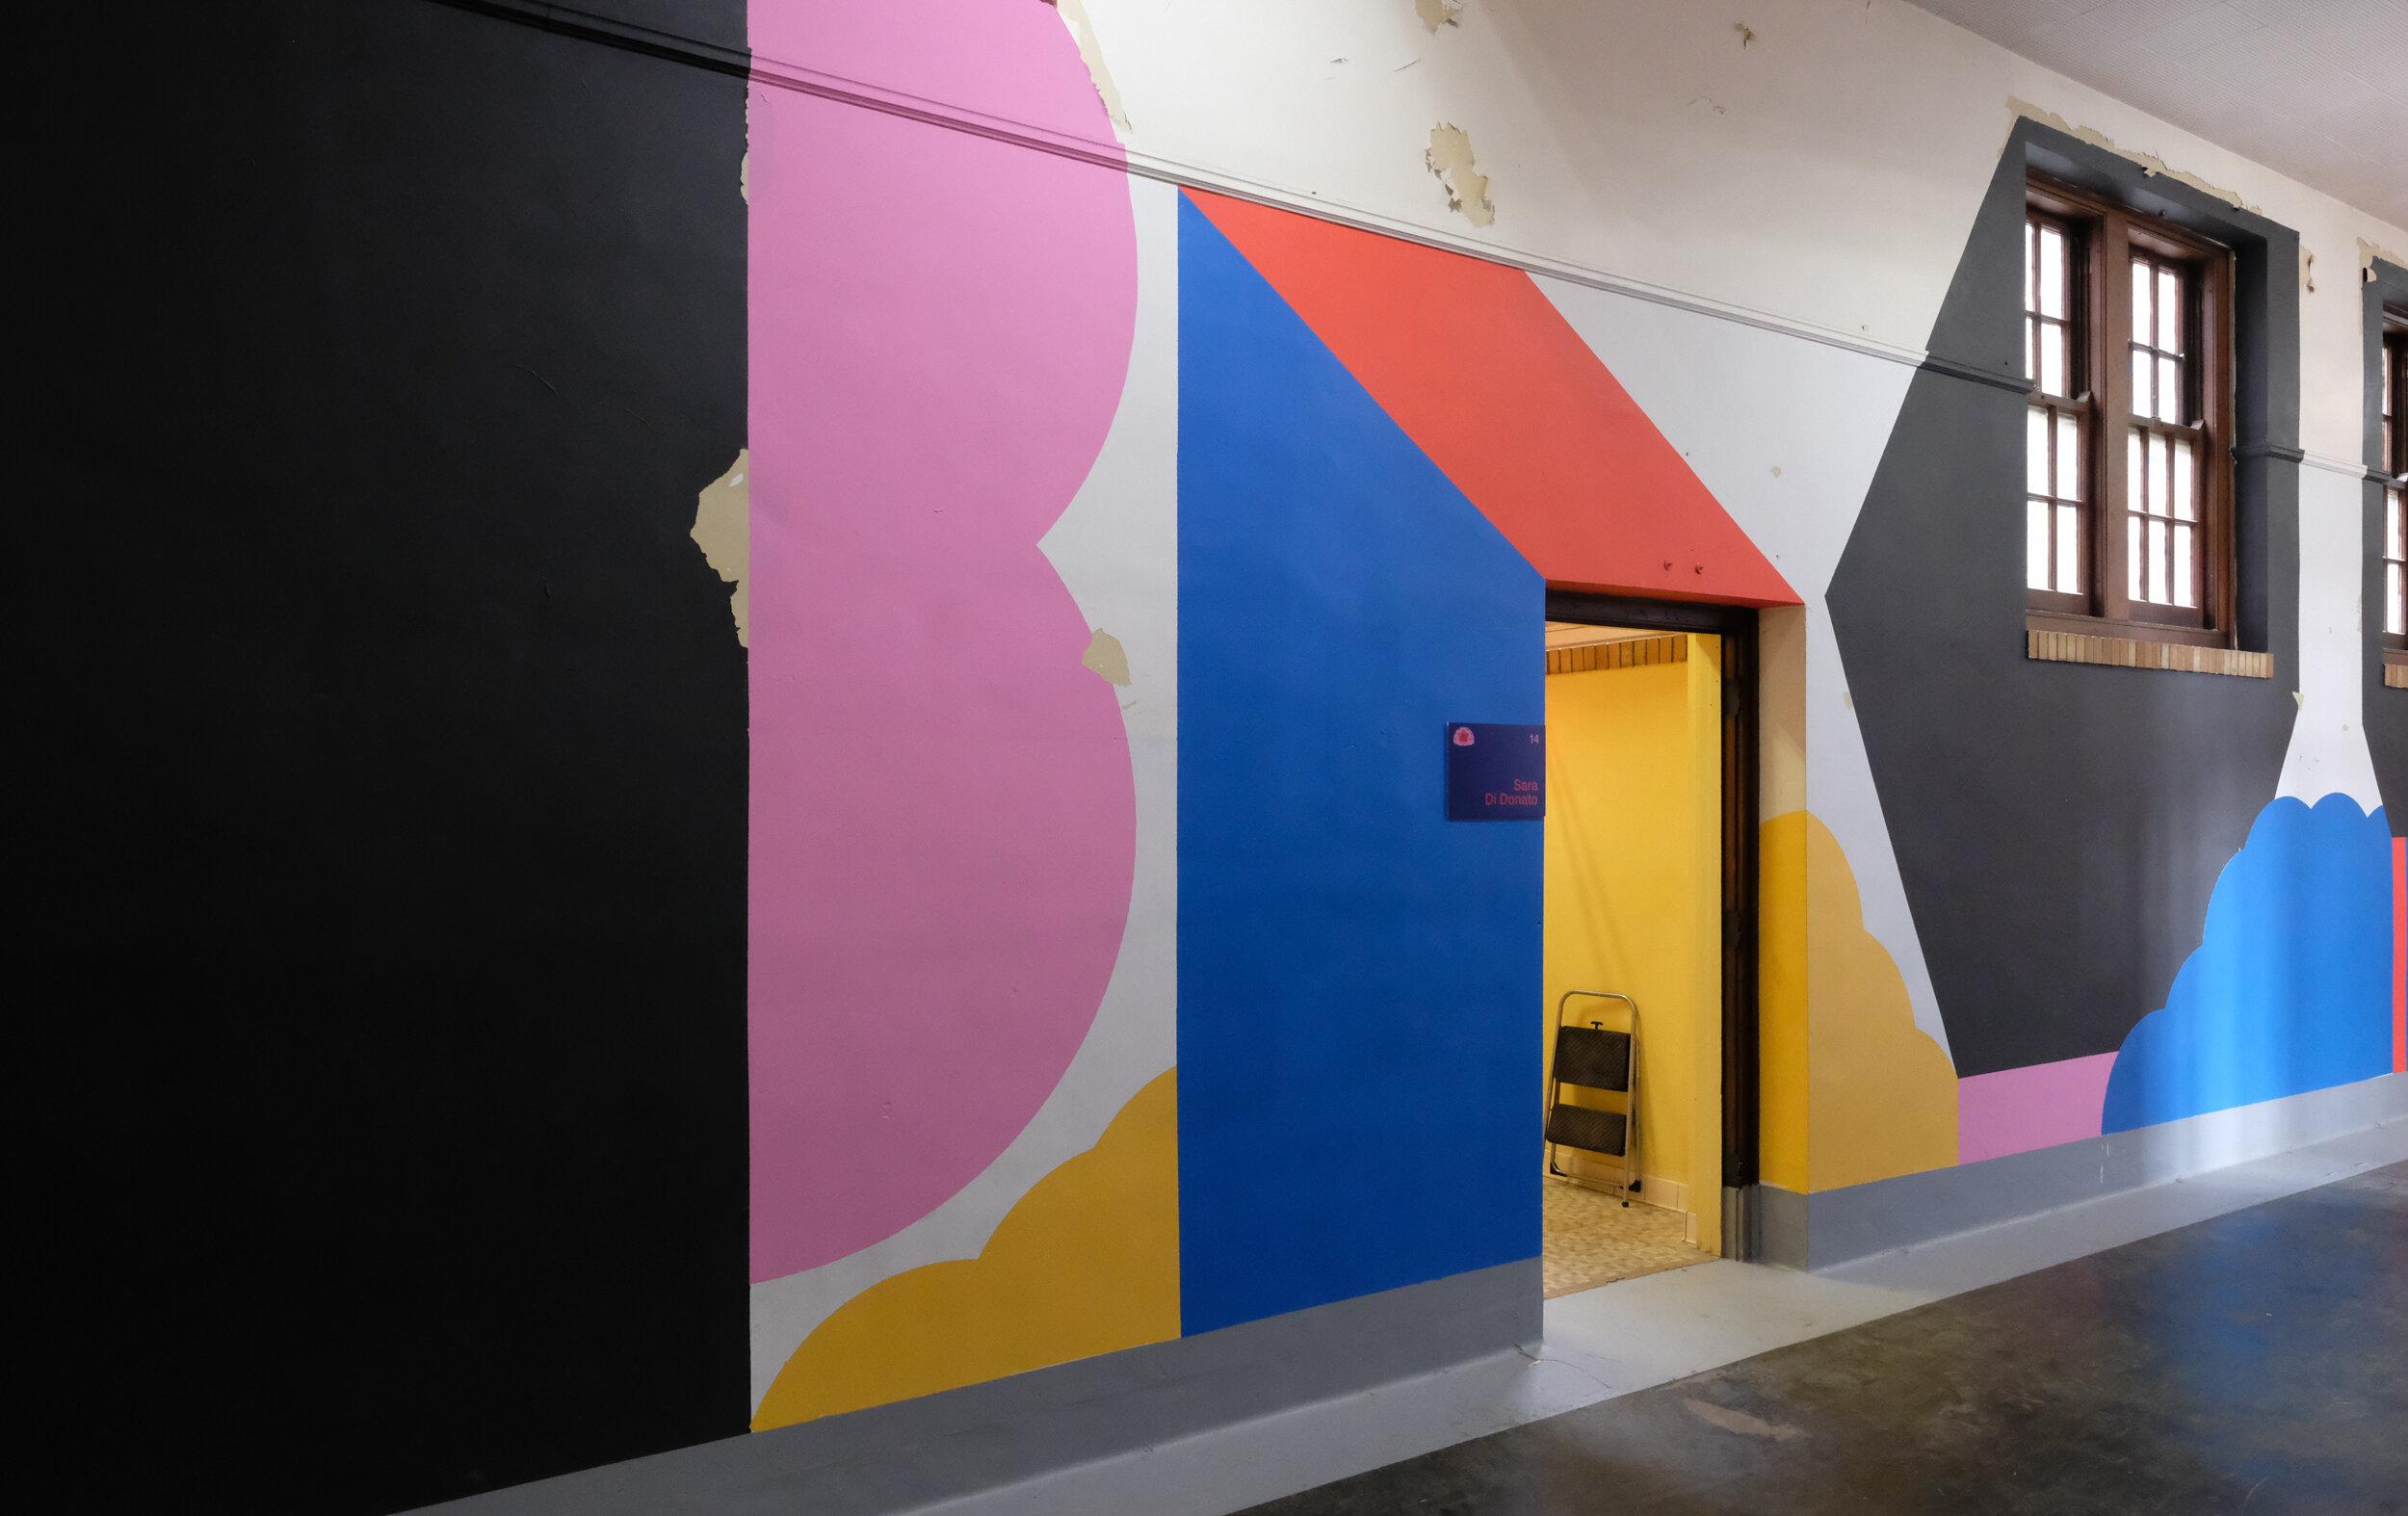 Montague-wallpainting.jpg